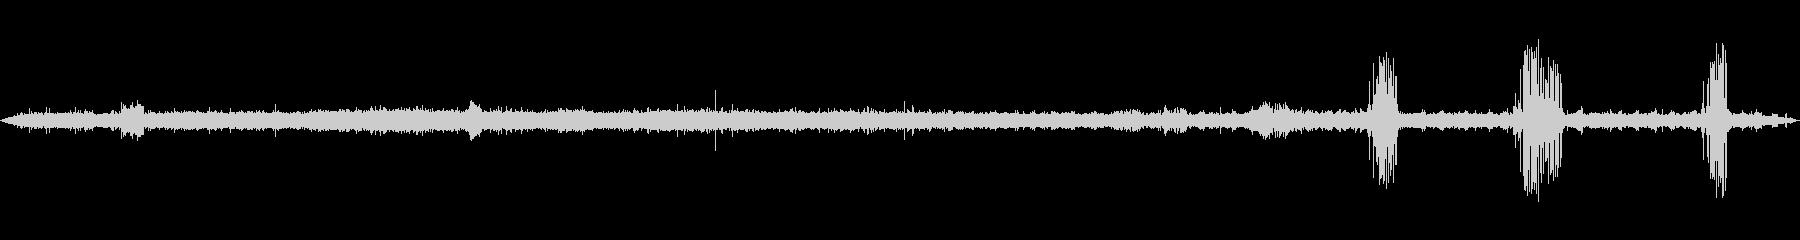 環境音 アフリカのブッシュ鳥のスト...の未再生の波形